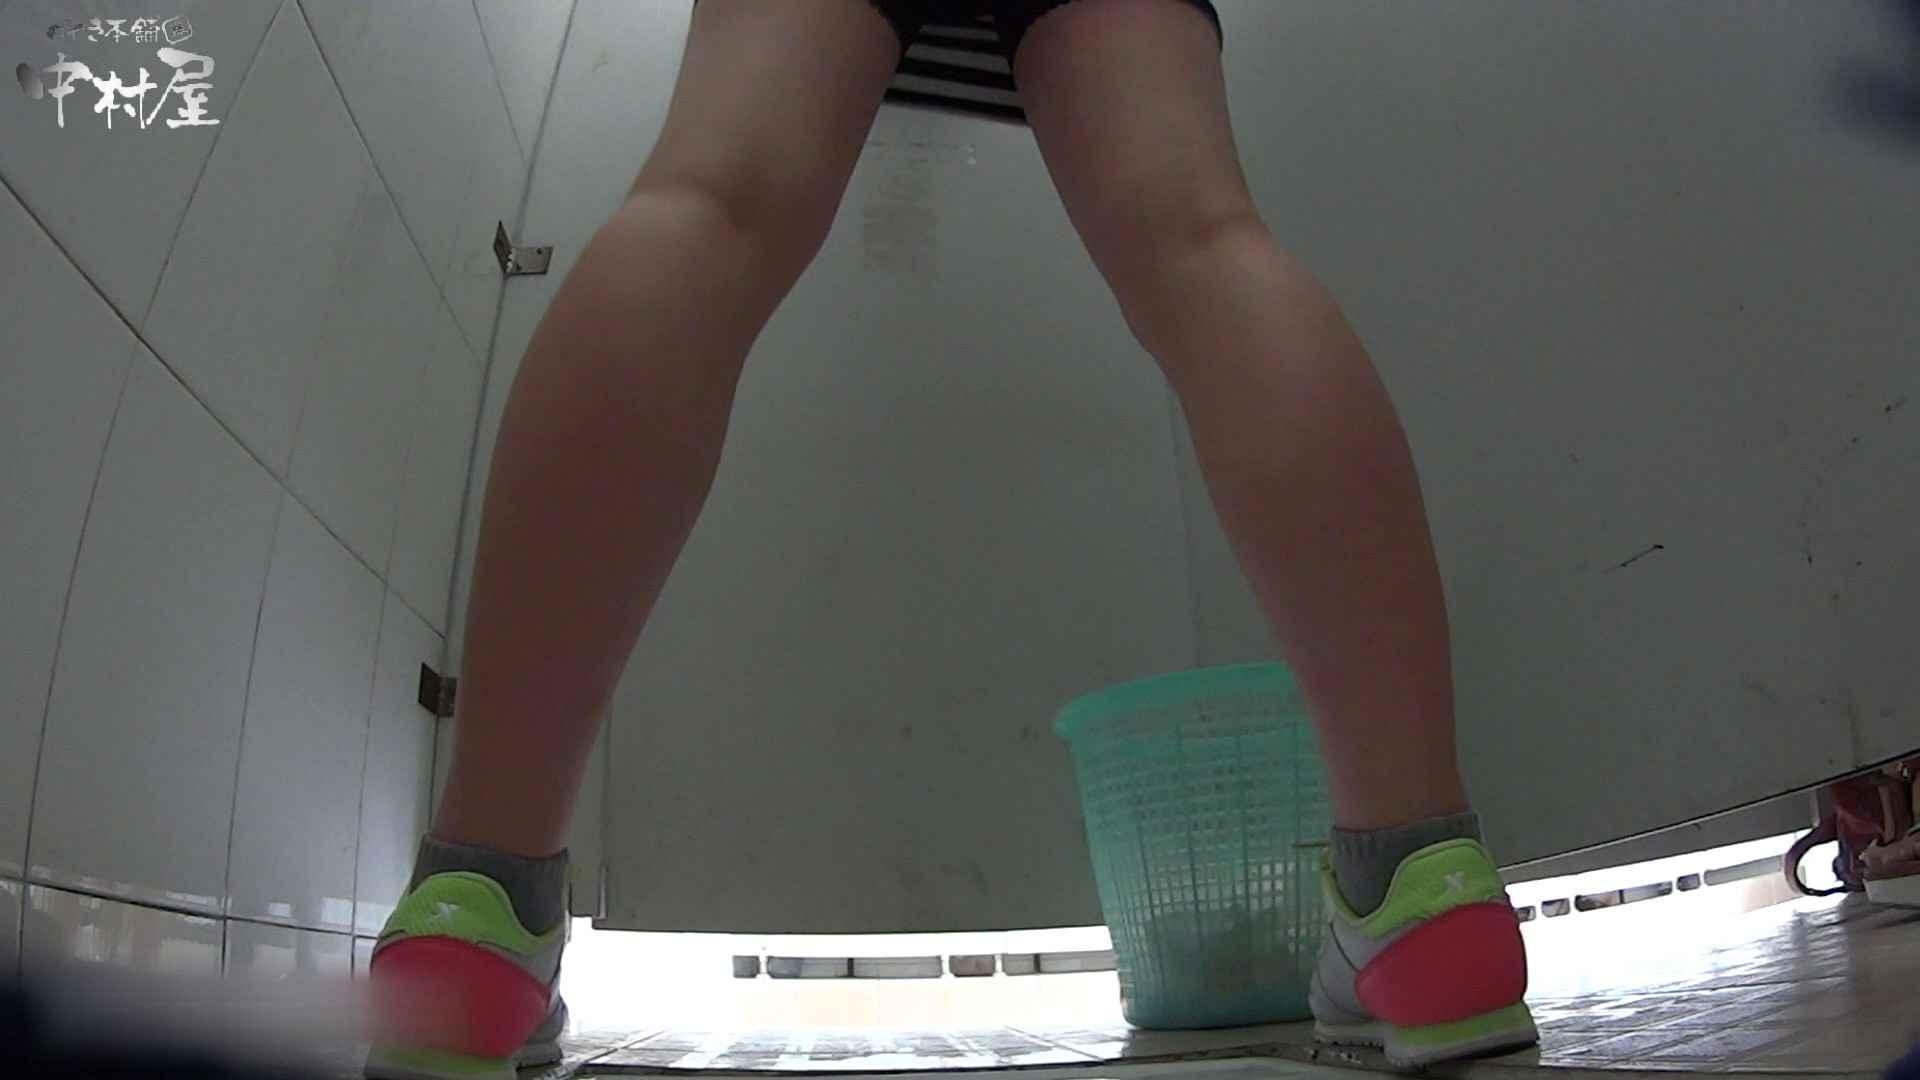 美しい女良たちのトイレ事情 有名大学休憩時間の洗面所事情06 盗撮  110画像 63